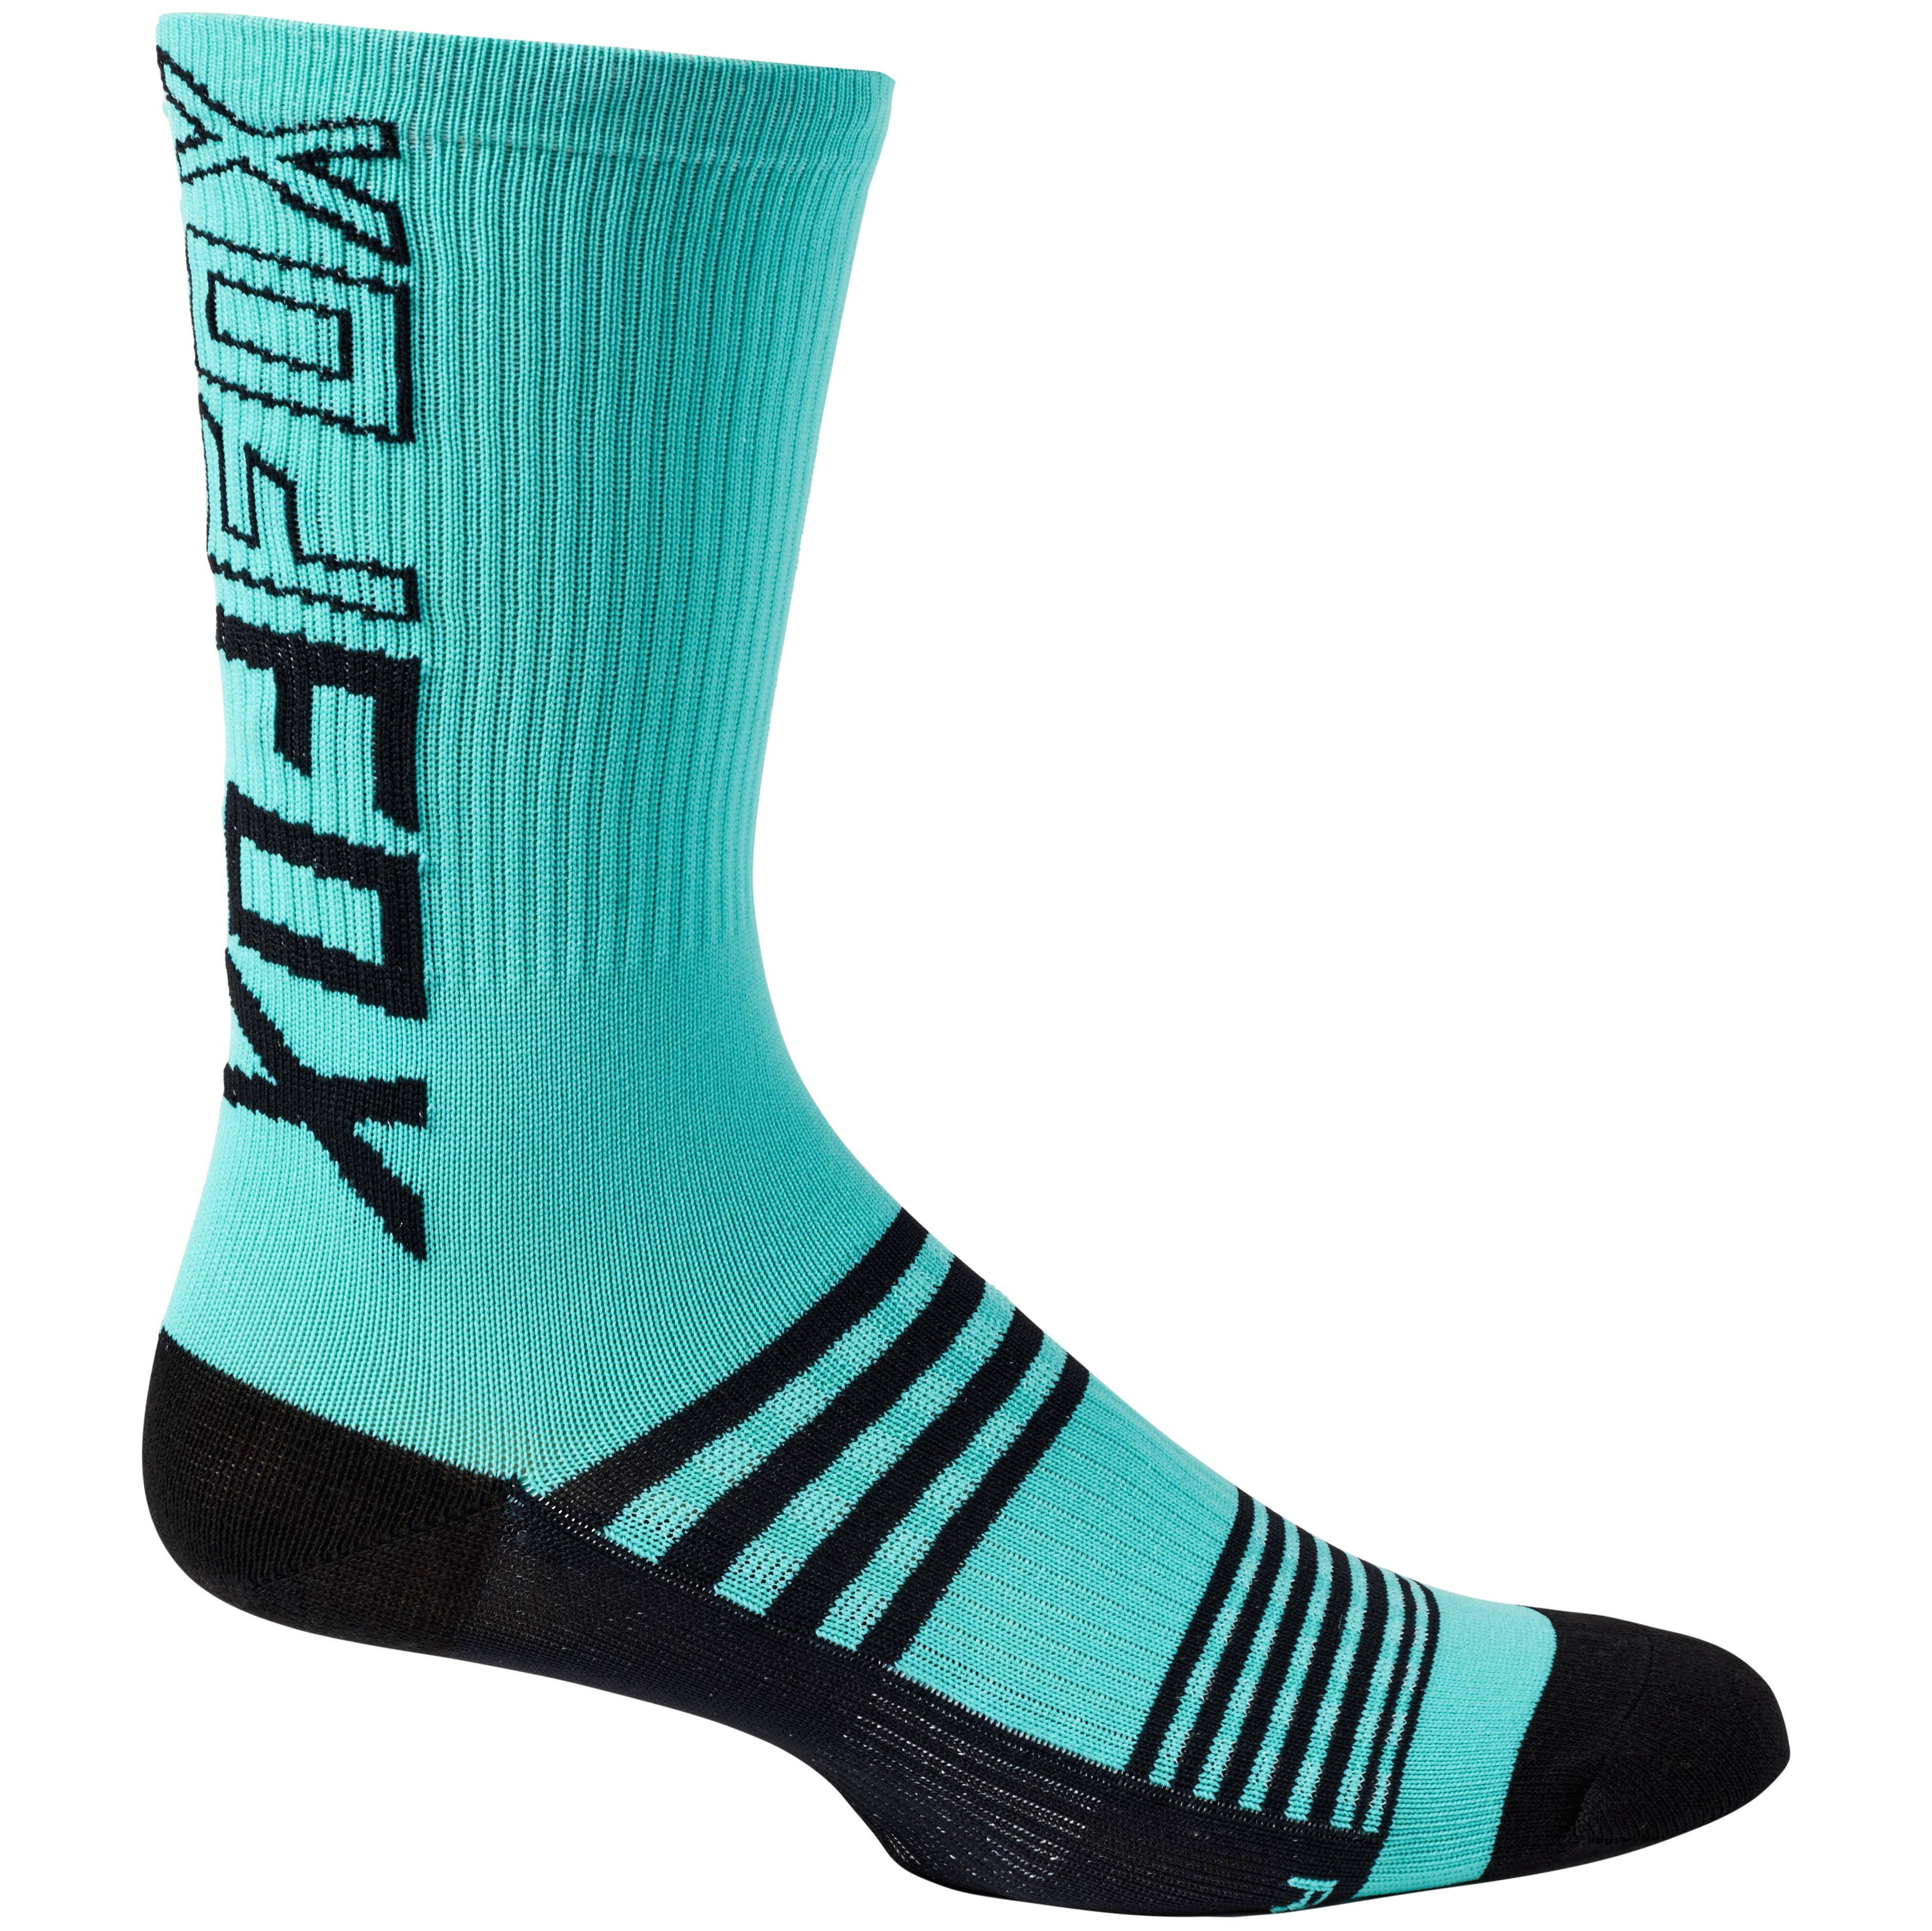 Women's mountain bike socks by Fox